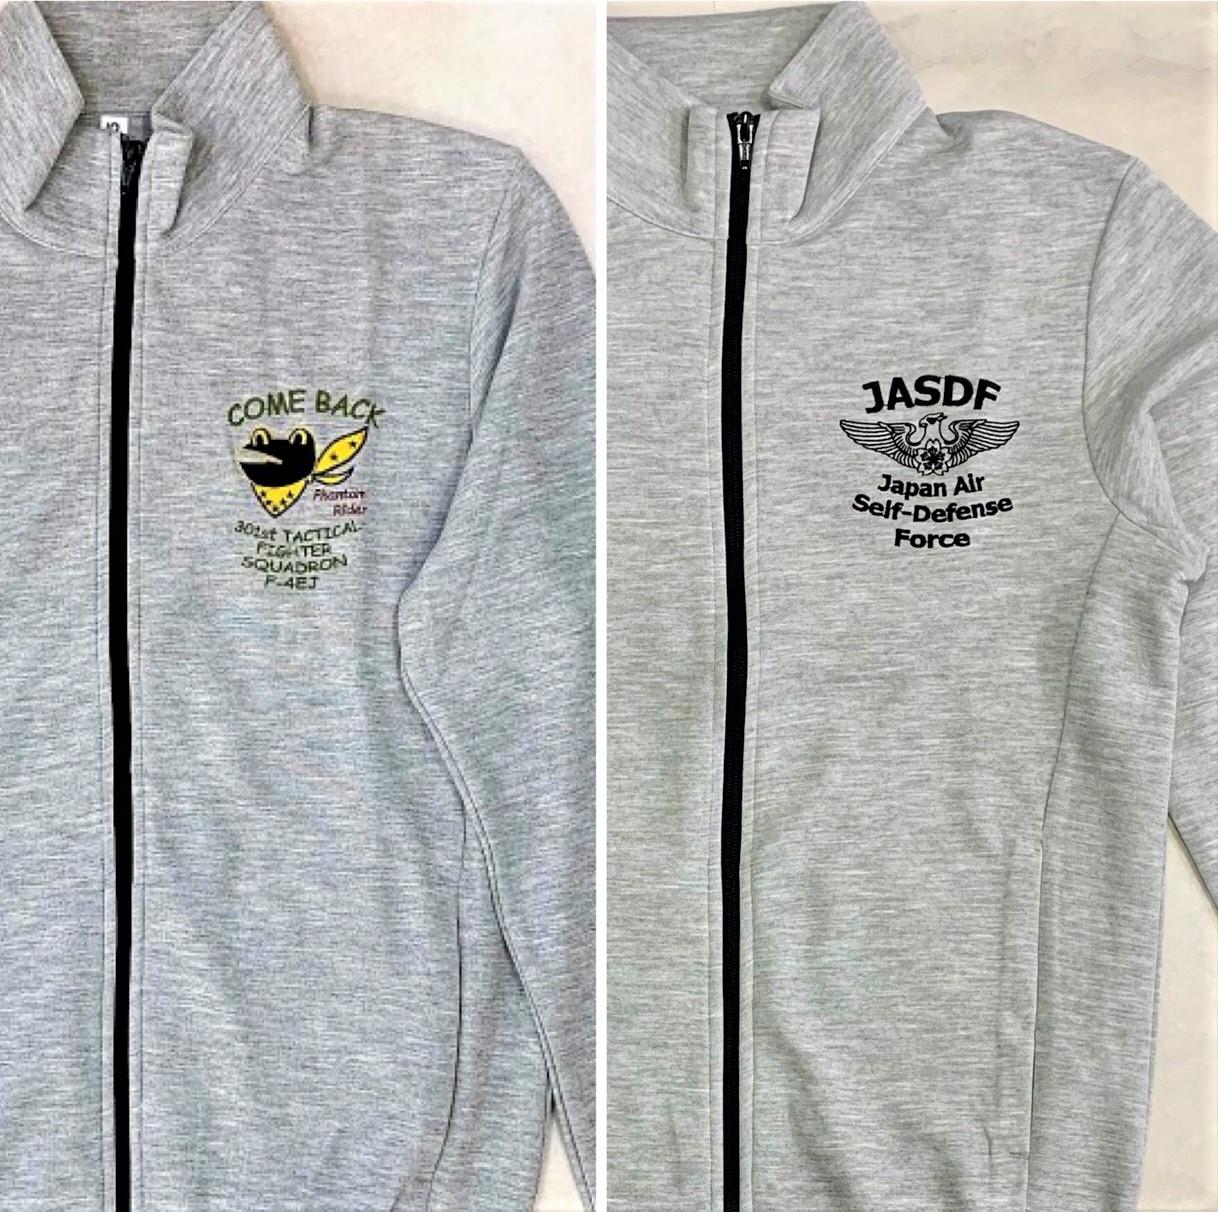 自衛隊グッズ  ドライスウェットジップジャケット COME BACKカエル と 徽章マークの2種